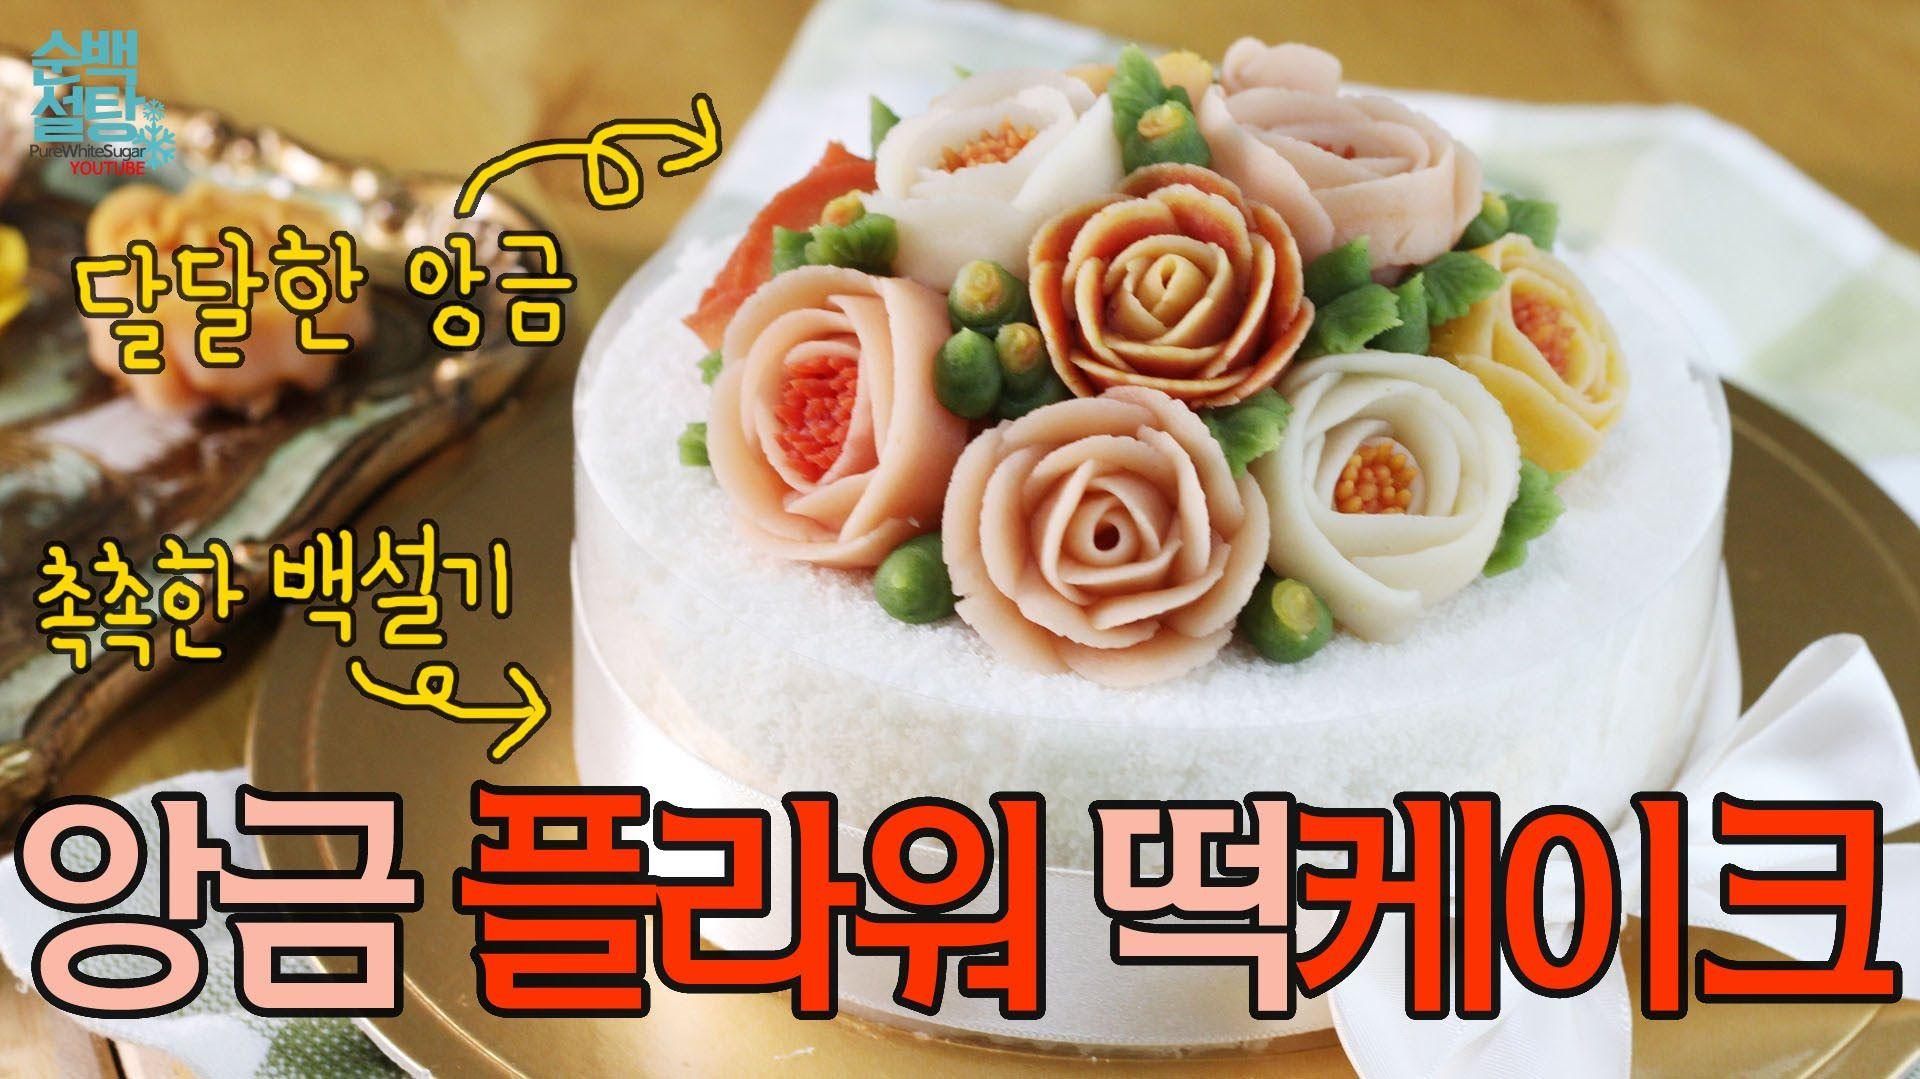 달콤 사르륵! 넘나 예쁜 '앙금 플라워 떡케이크' 만들기 How to make Rice Cake&Ranunculus Flower Piping(ASMR) :: 순백설탕 - YouTube